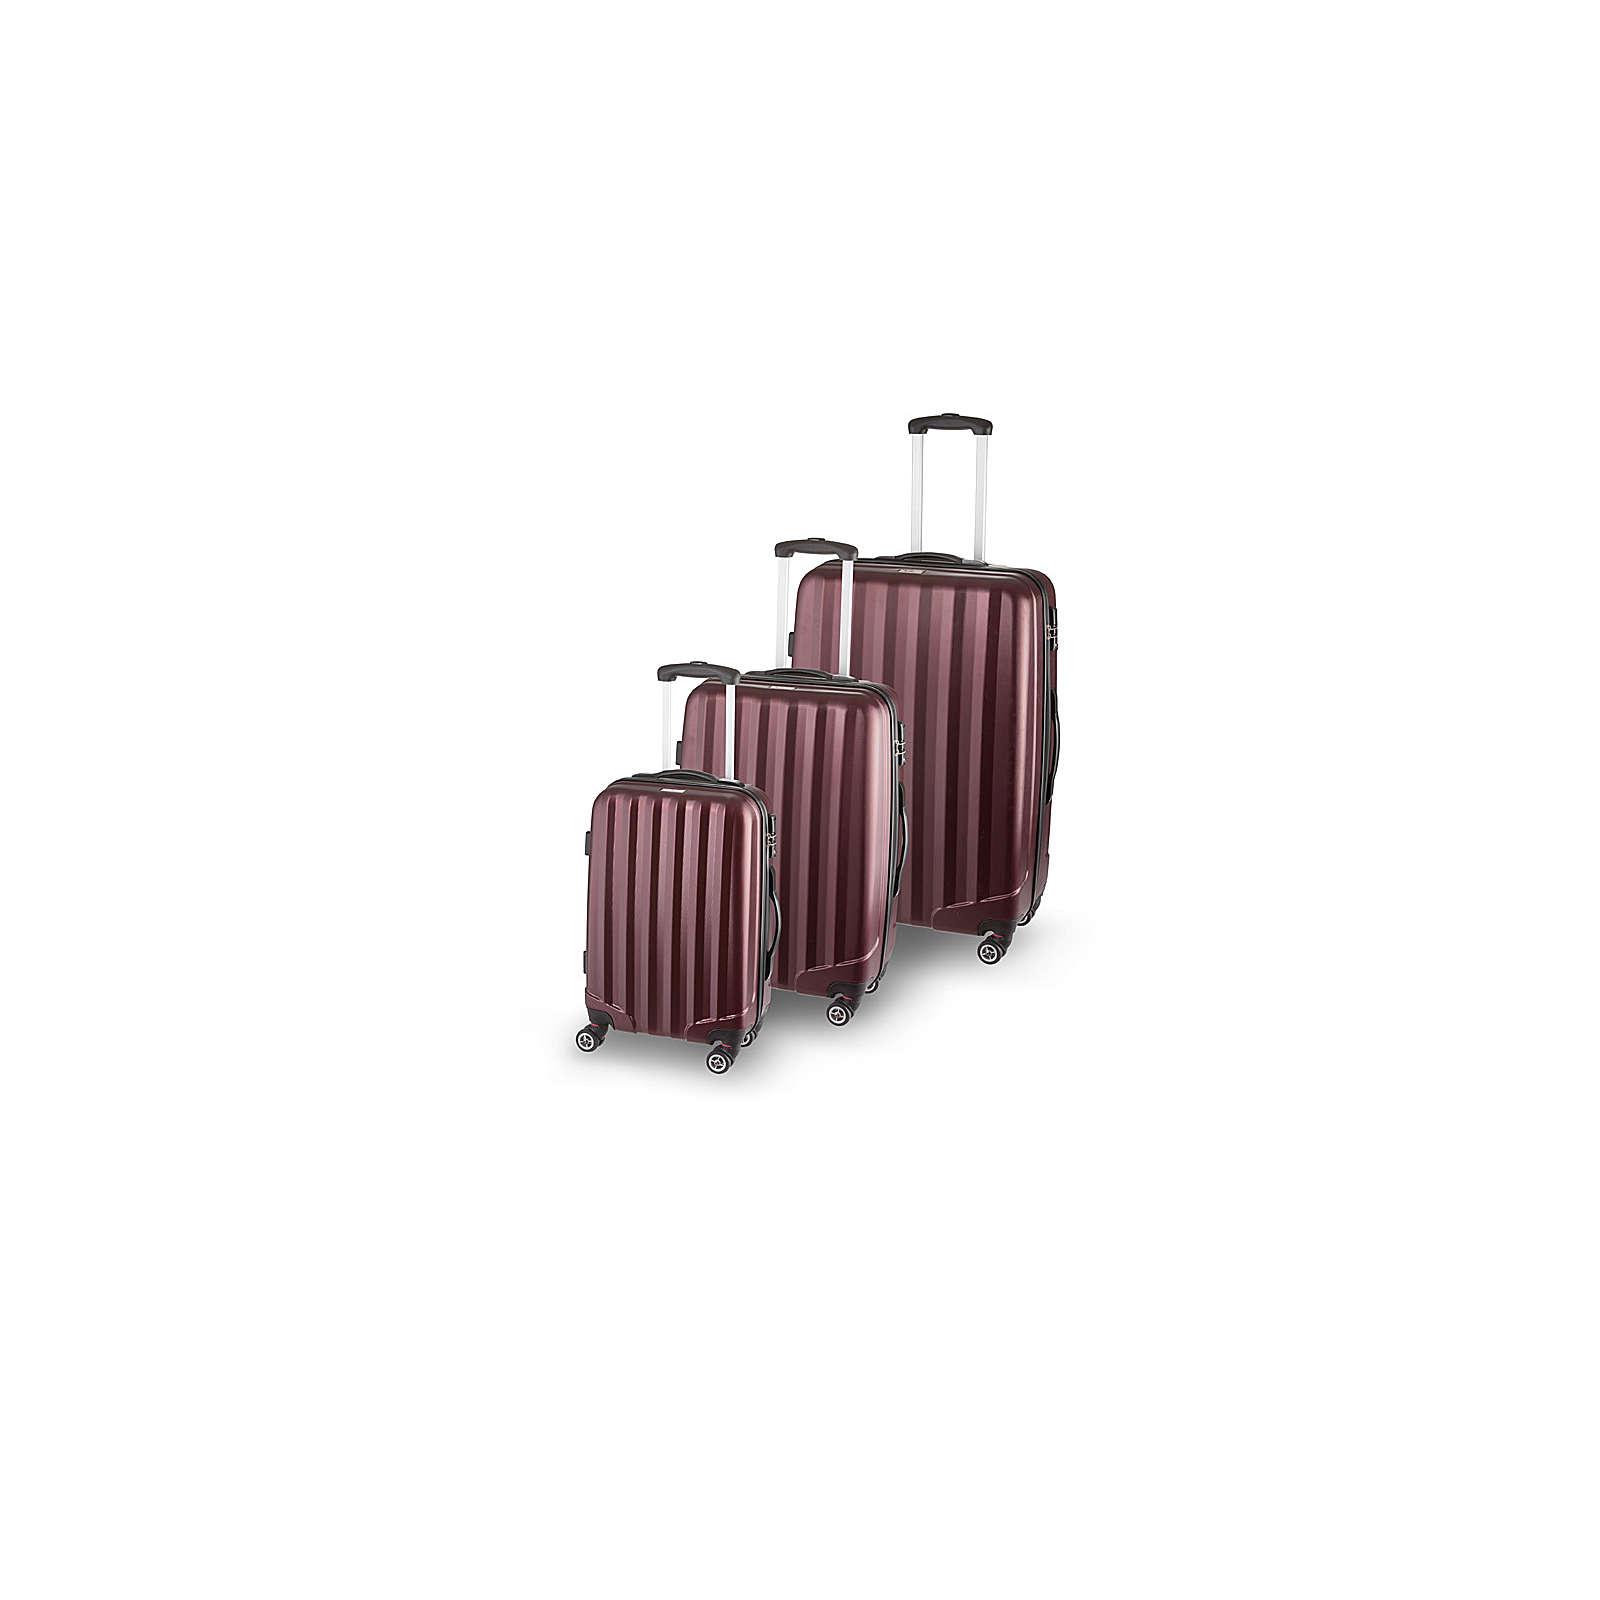 SCHNEIDERS Koffer Set Manhattan Koffer dunkelrot